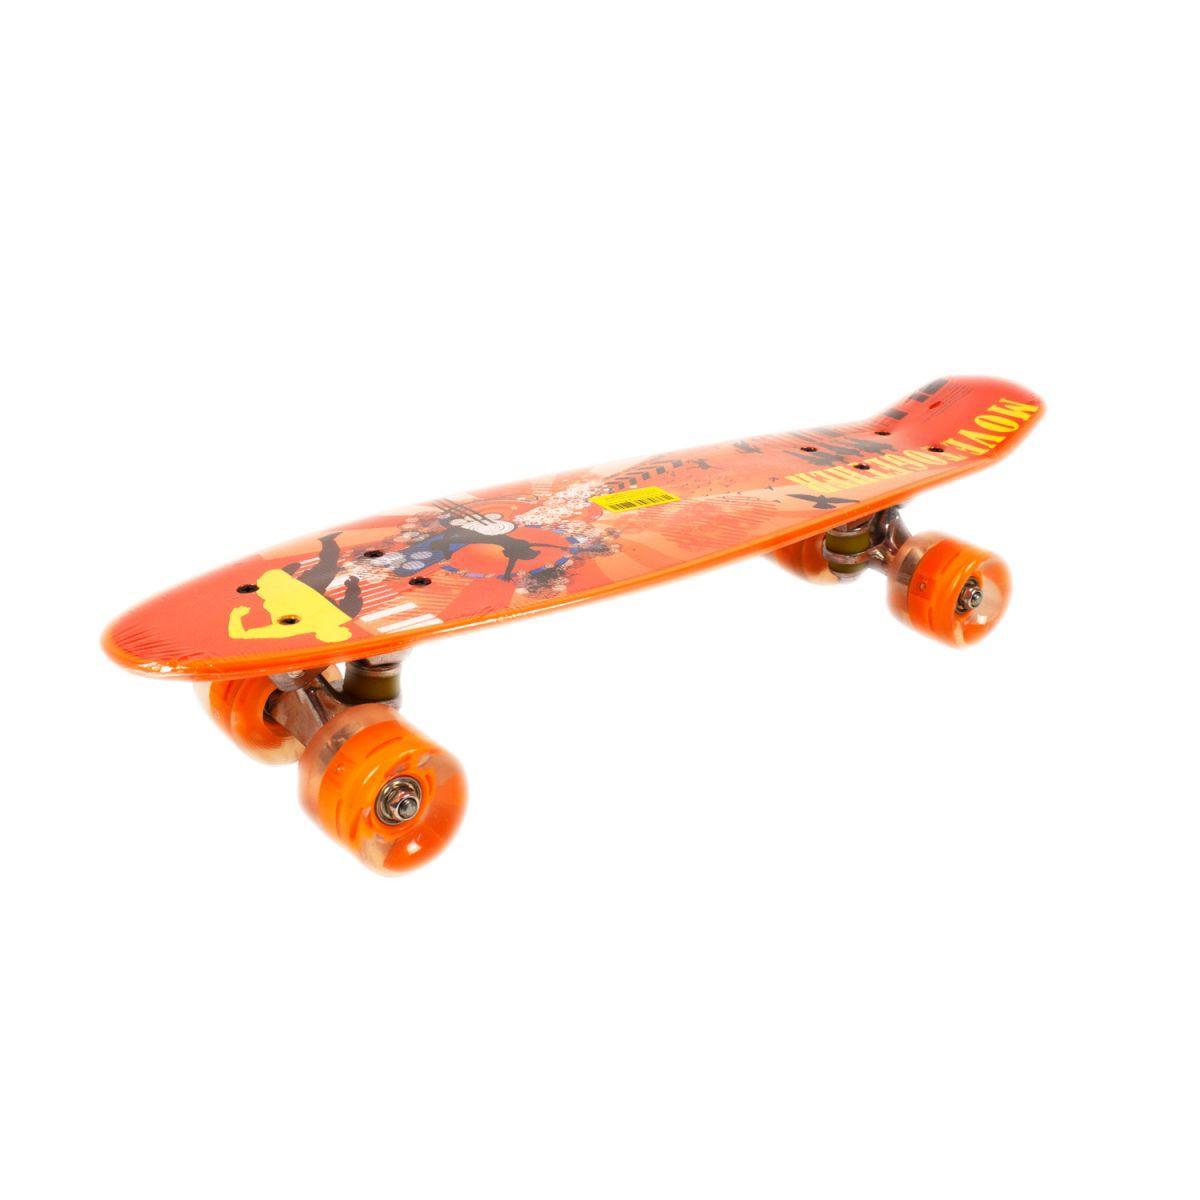 Скейт Пени Борд с принтом Penny Board колёса PU светятся оранжевый